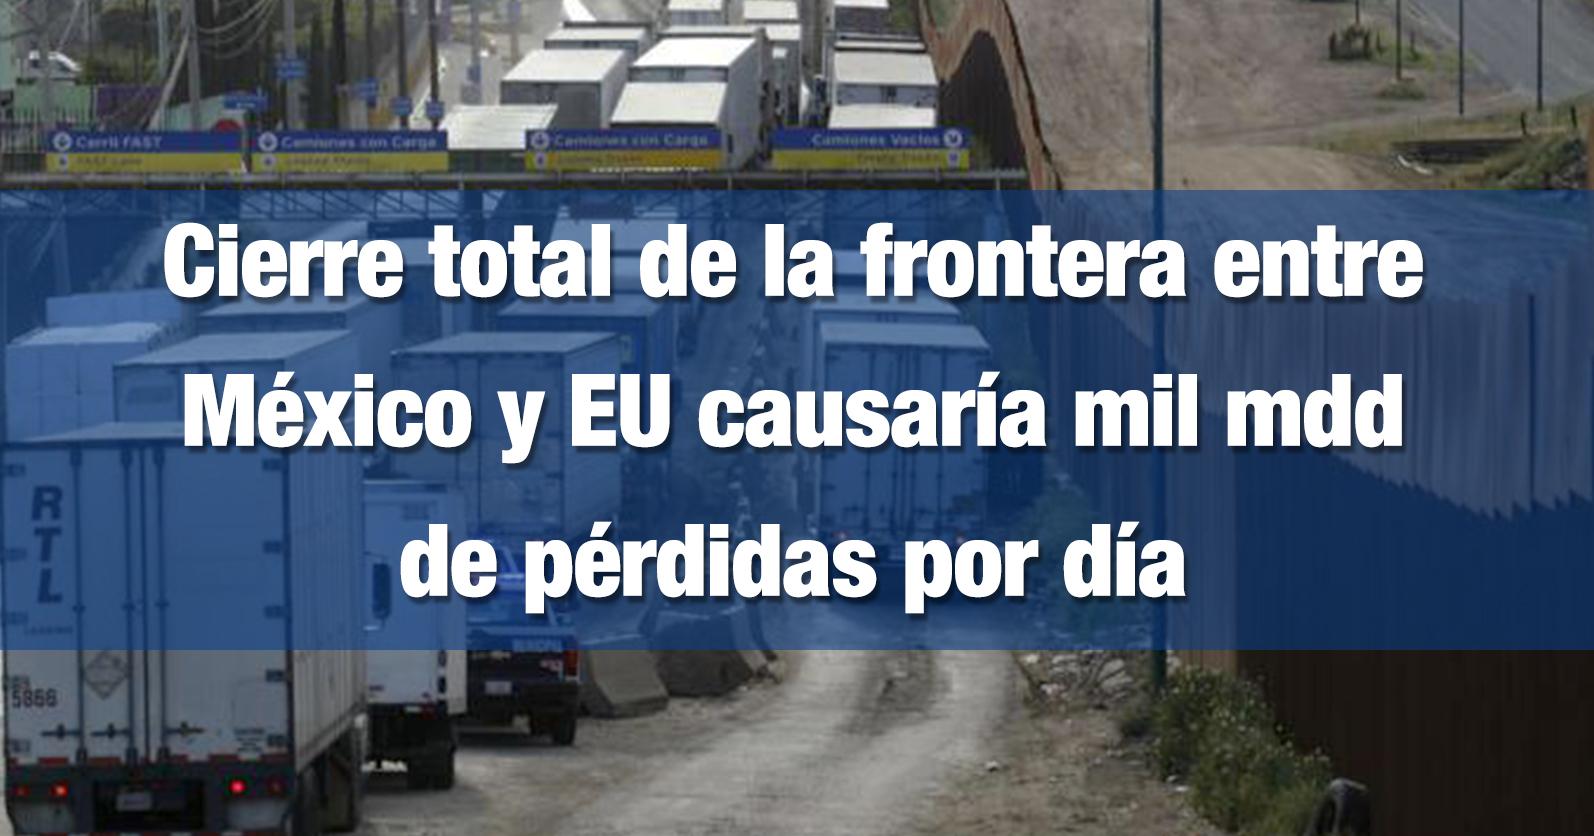 Cierre total de la frontera entre México y EU causaría mil mdd de pérdidas por día